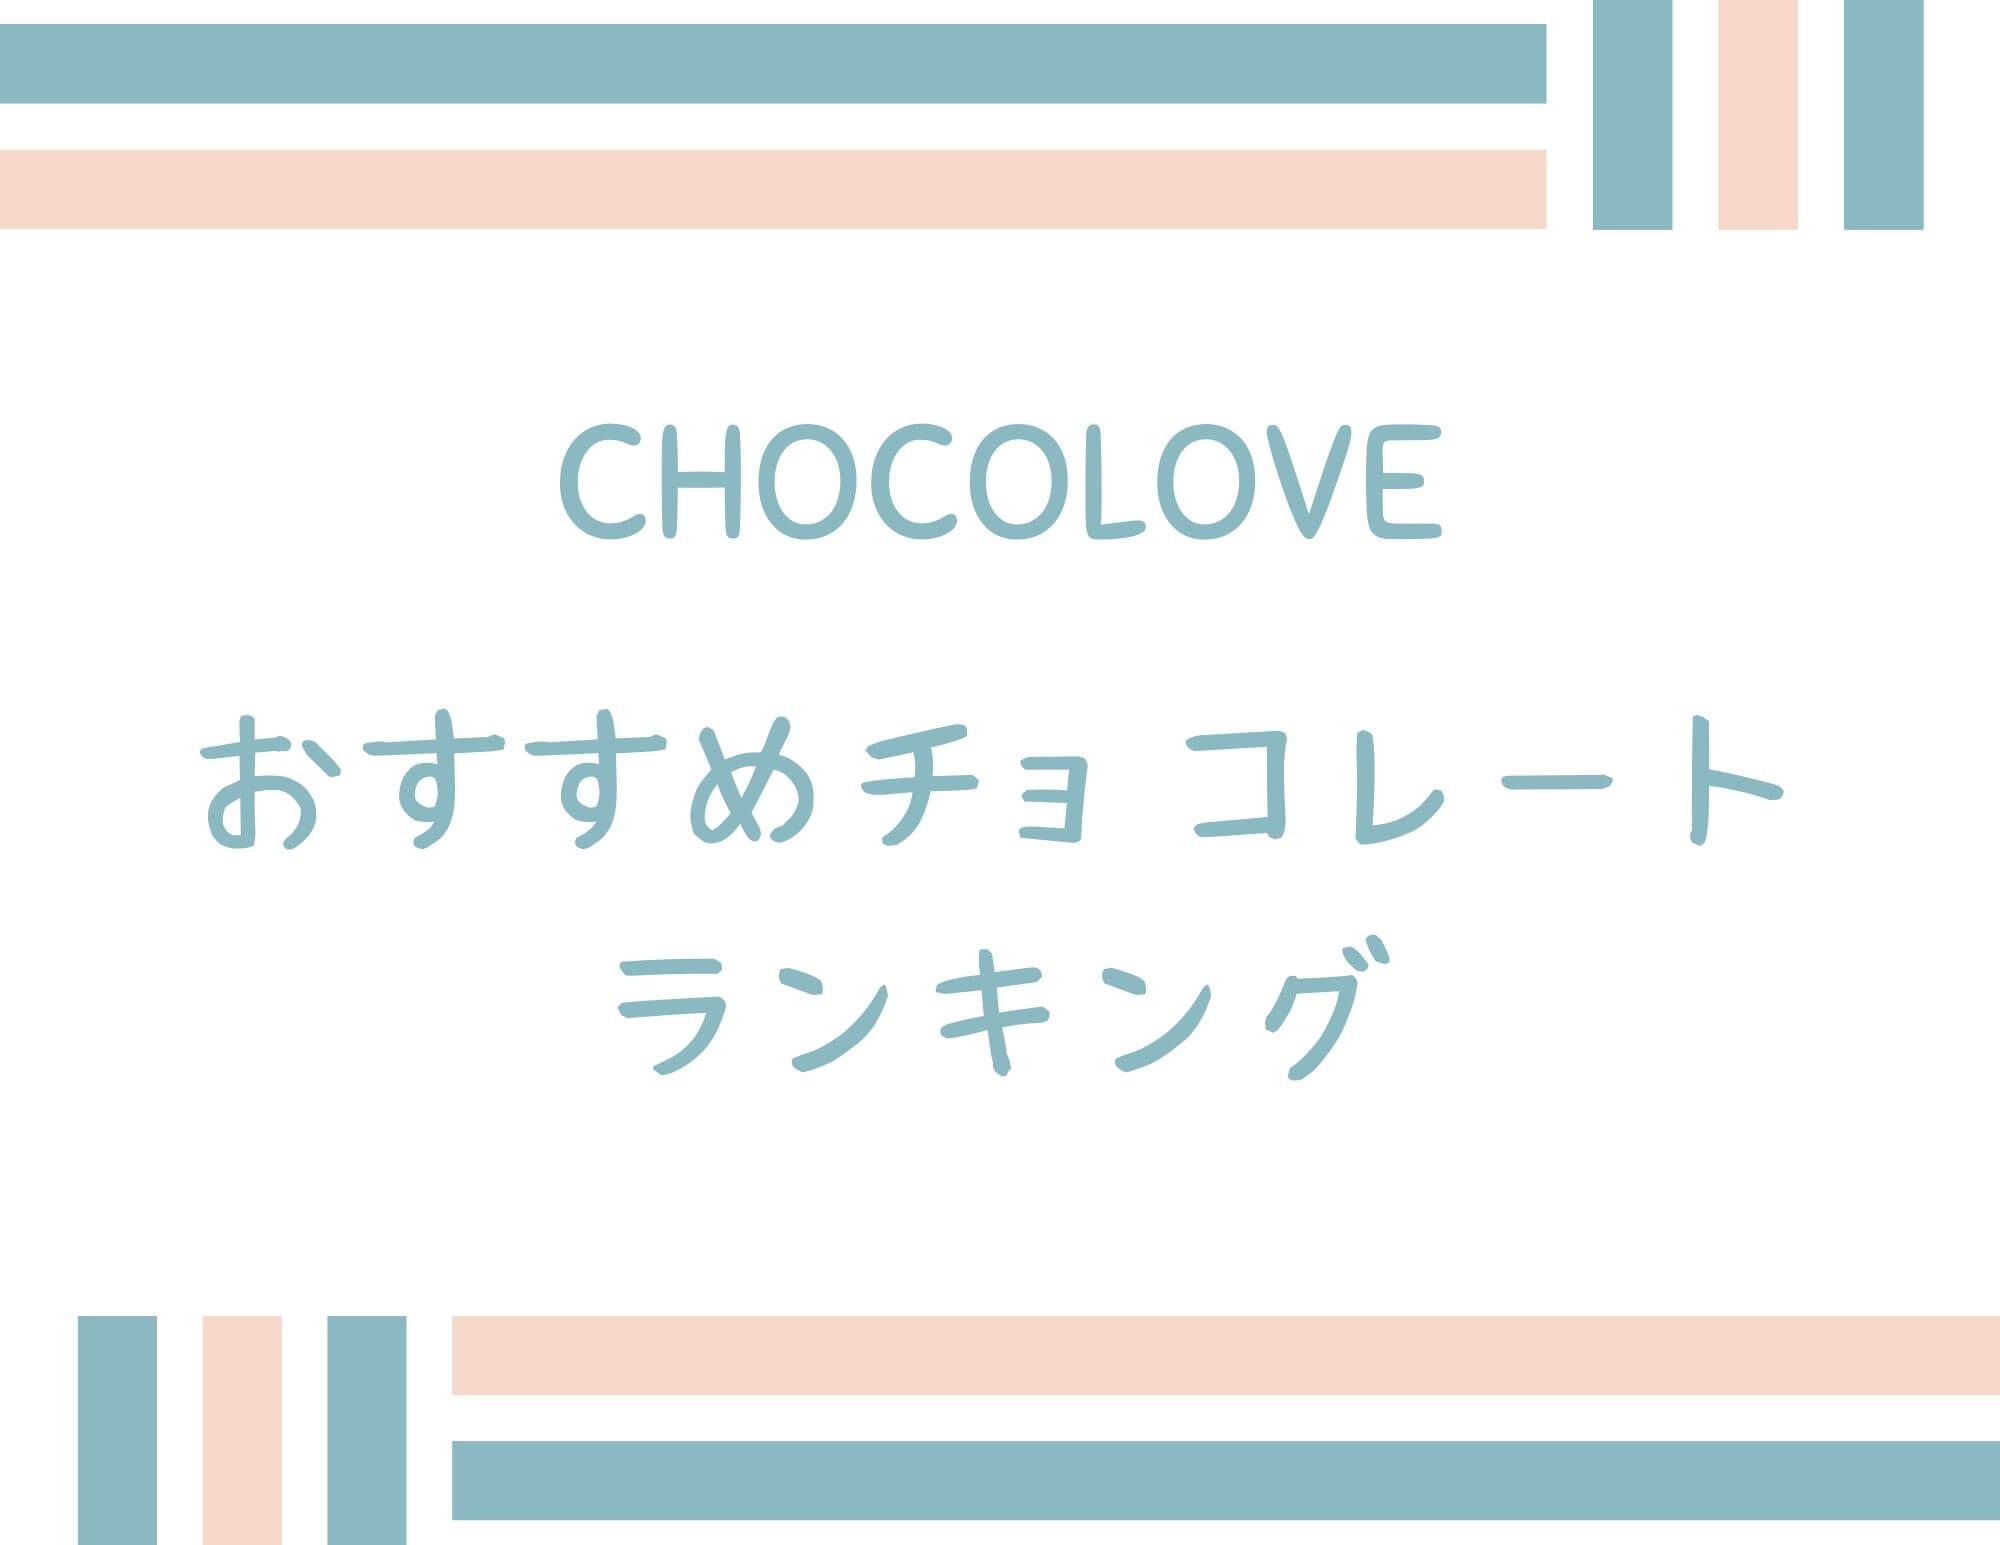 【chocolove食べ比べ】アイハーブでおすすめのチョコレート4選